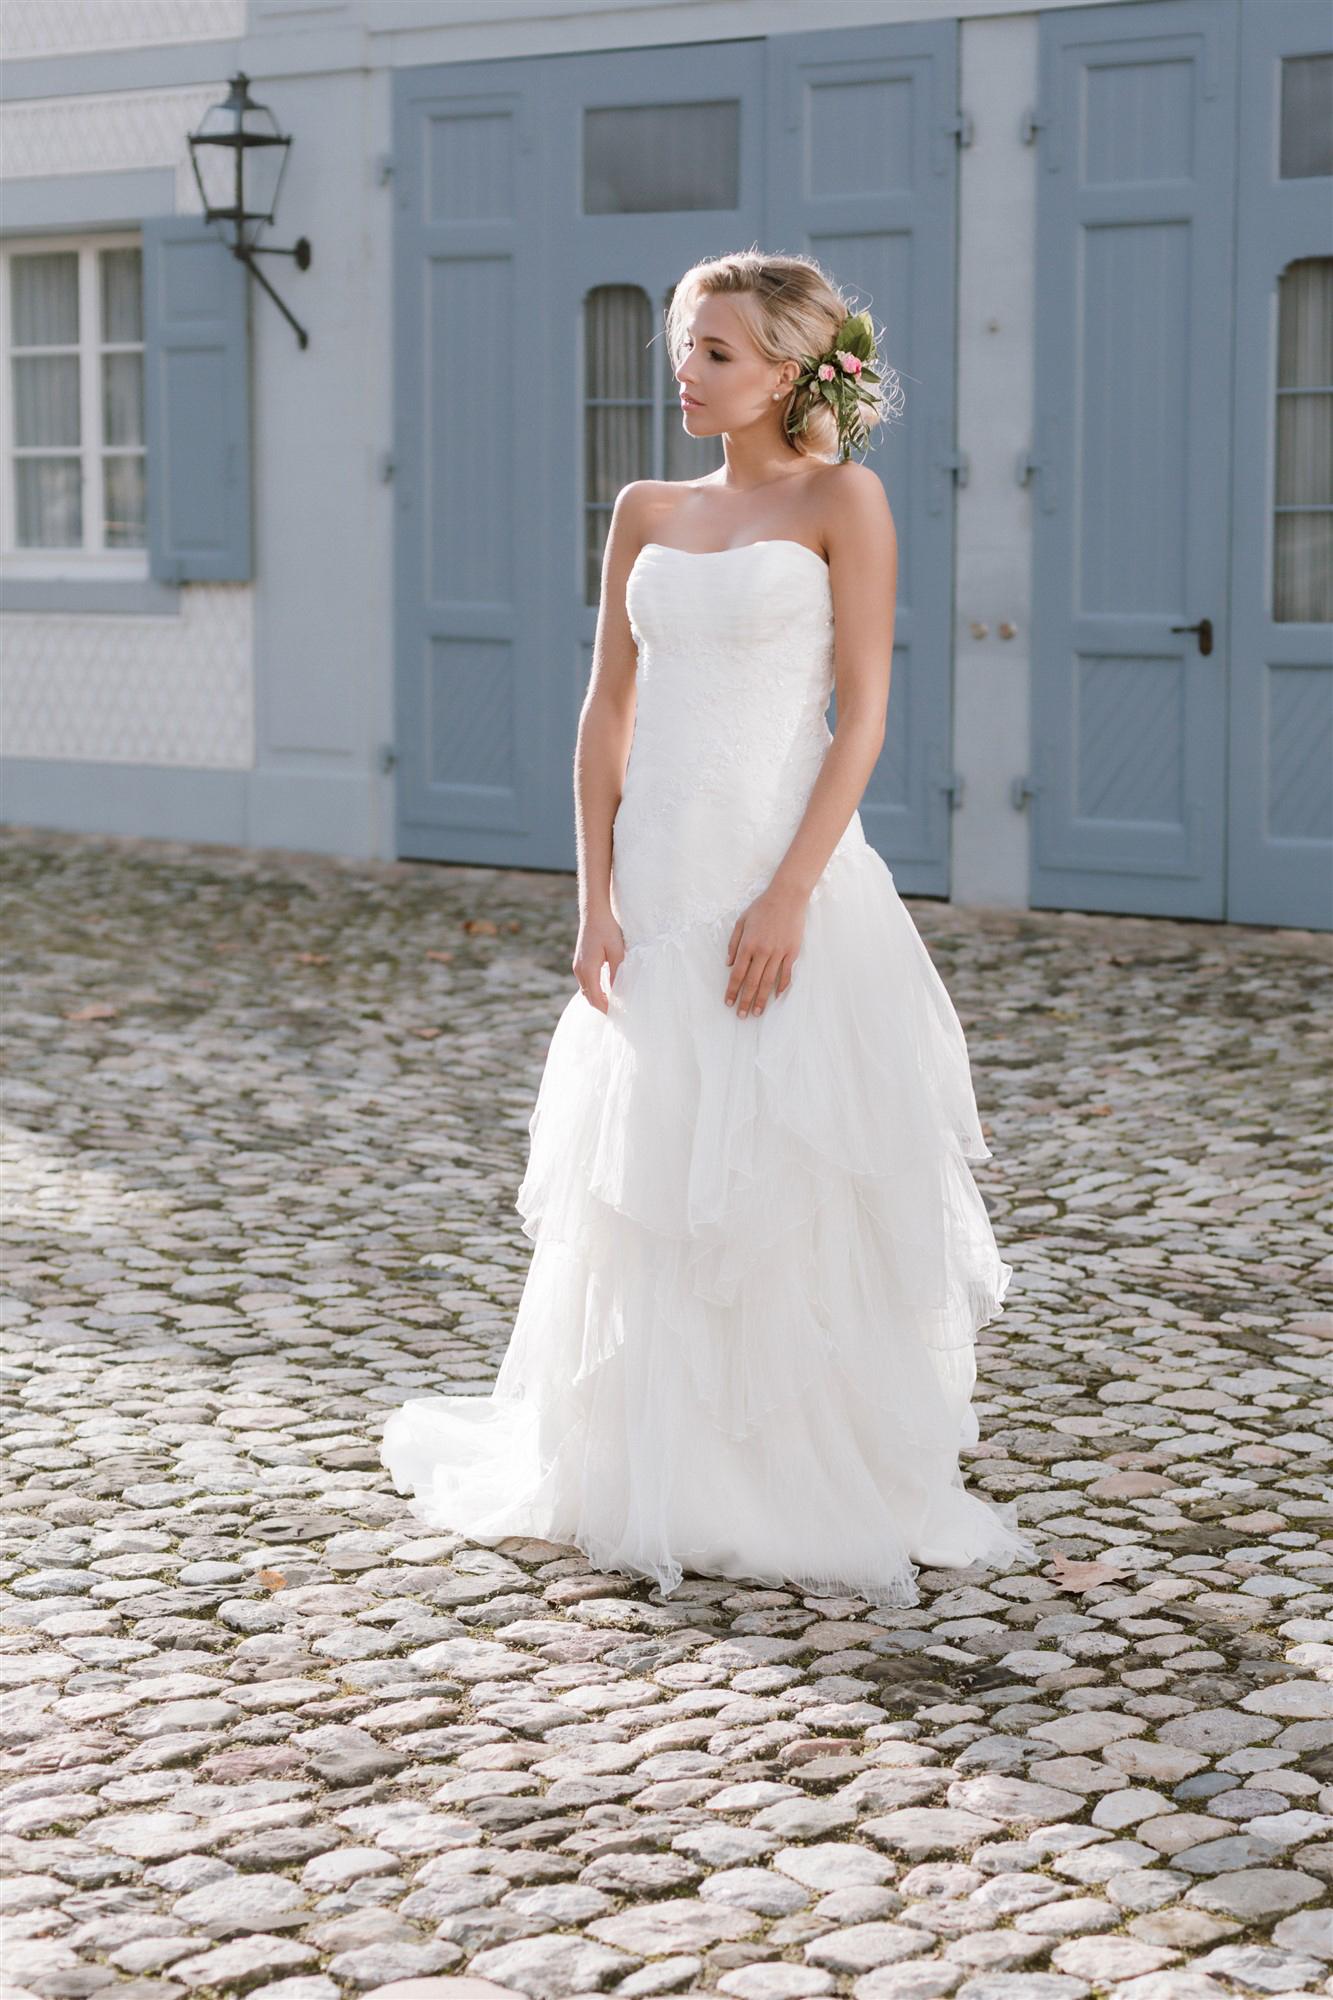 Die schöne Braut beim Schloss Ebenrain